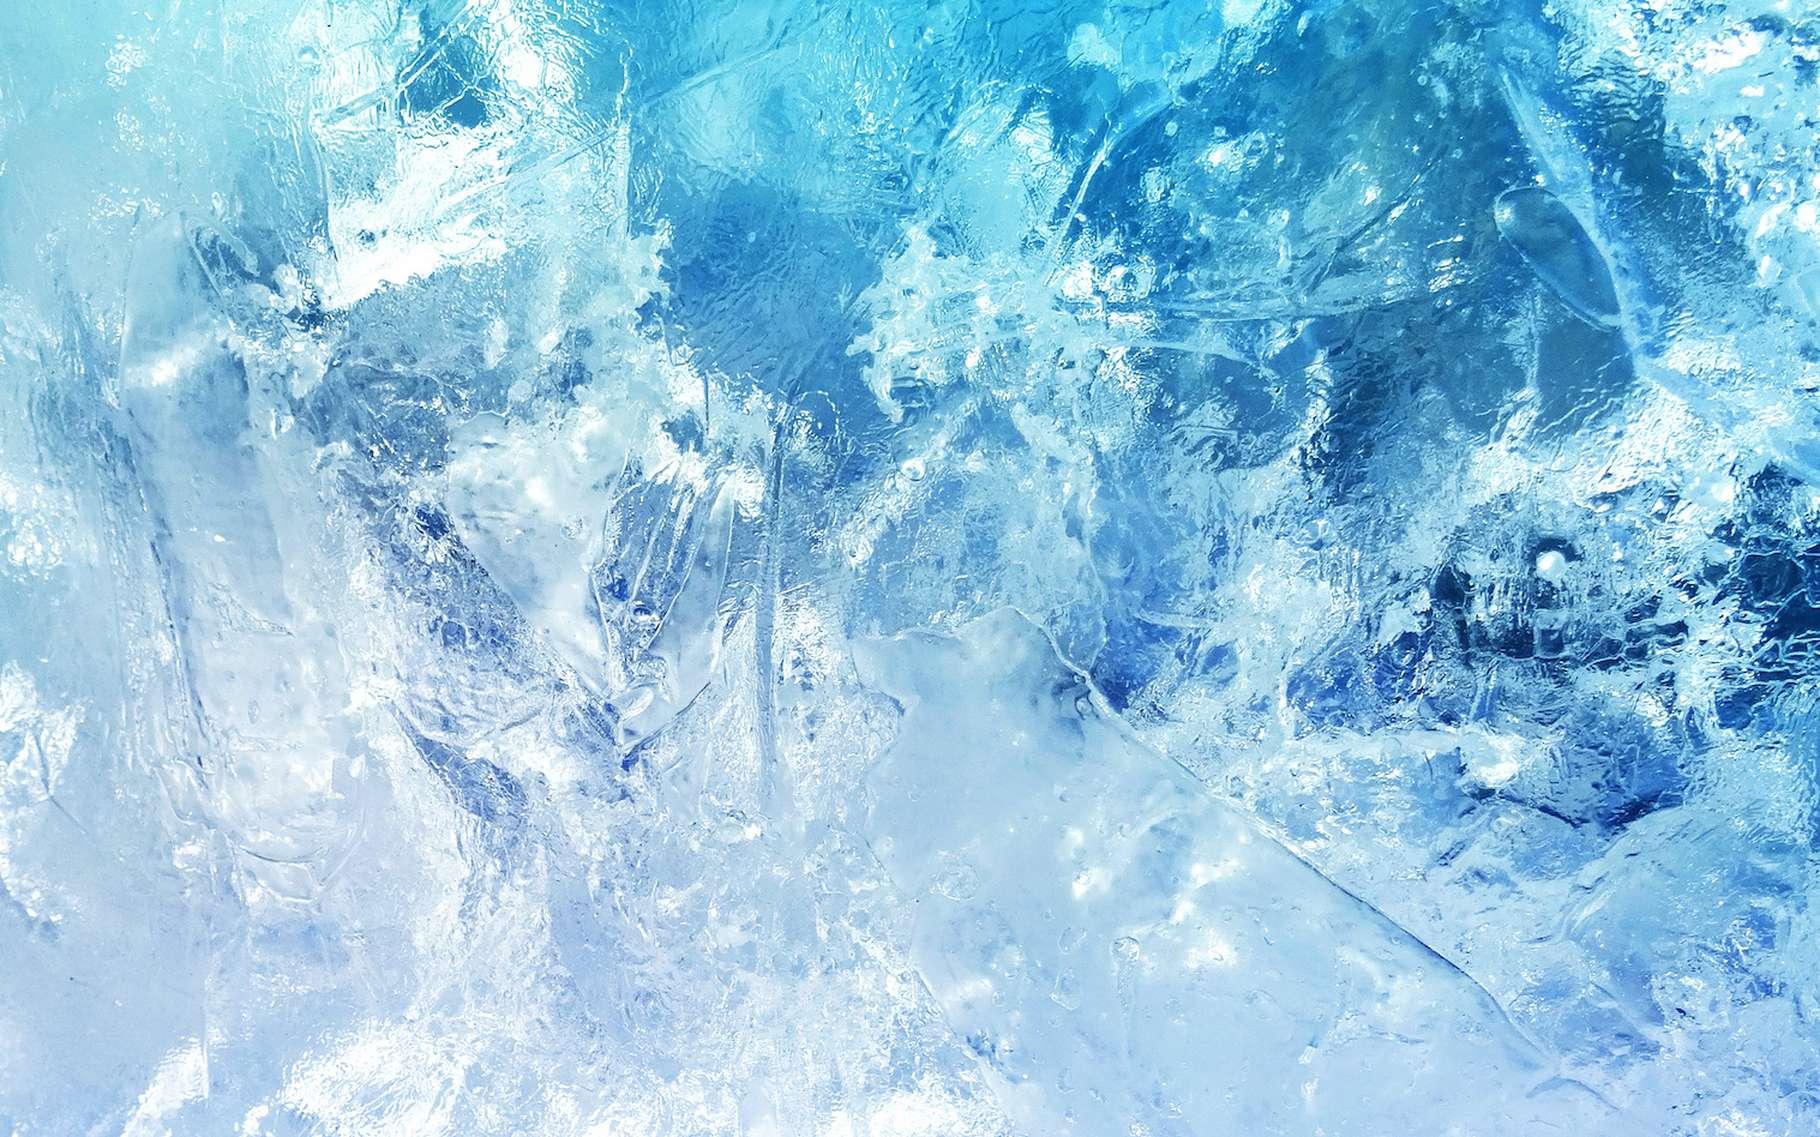 Des chercheurs ont mesuré la plus petite goutte d'eau capable de former de la glace stable. Elle ne contient pas plus de 90 molécules. © slay19, Adobe Stock